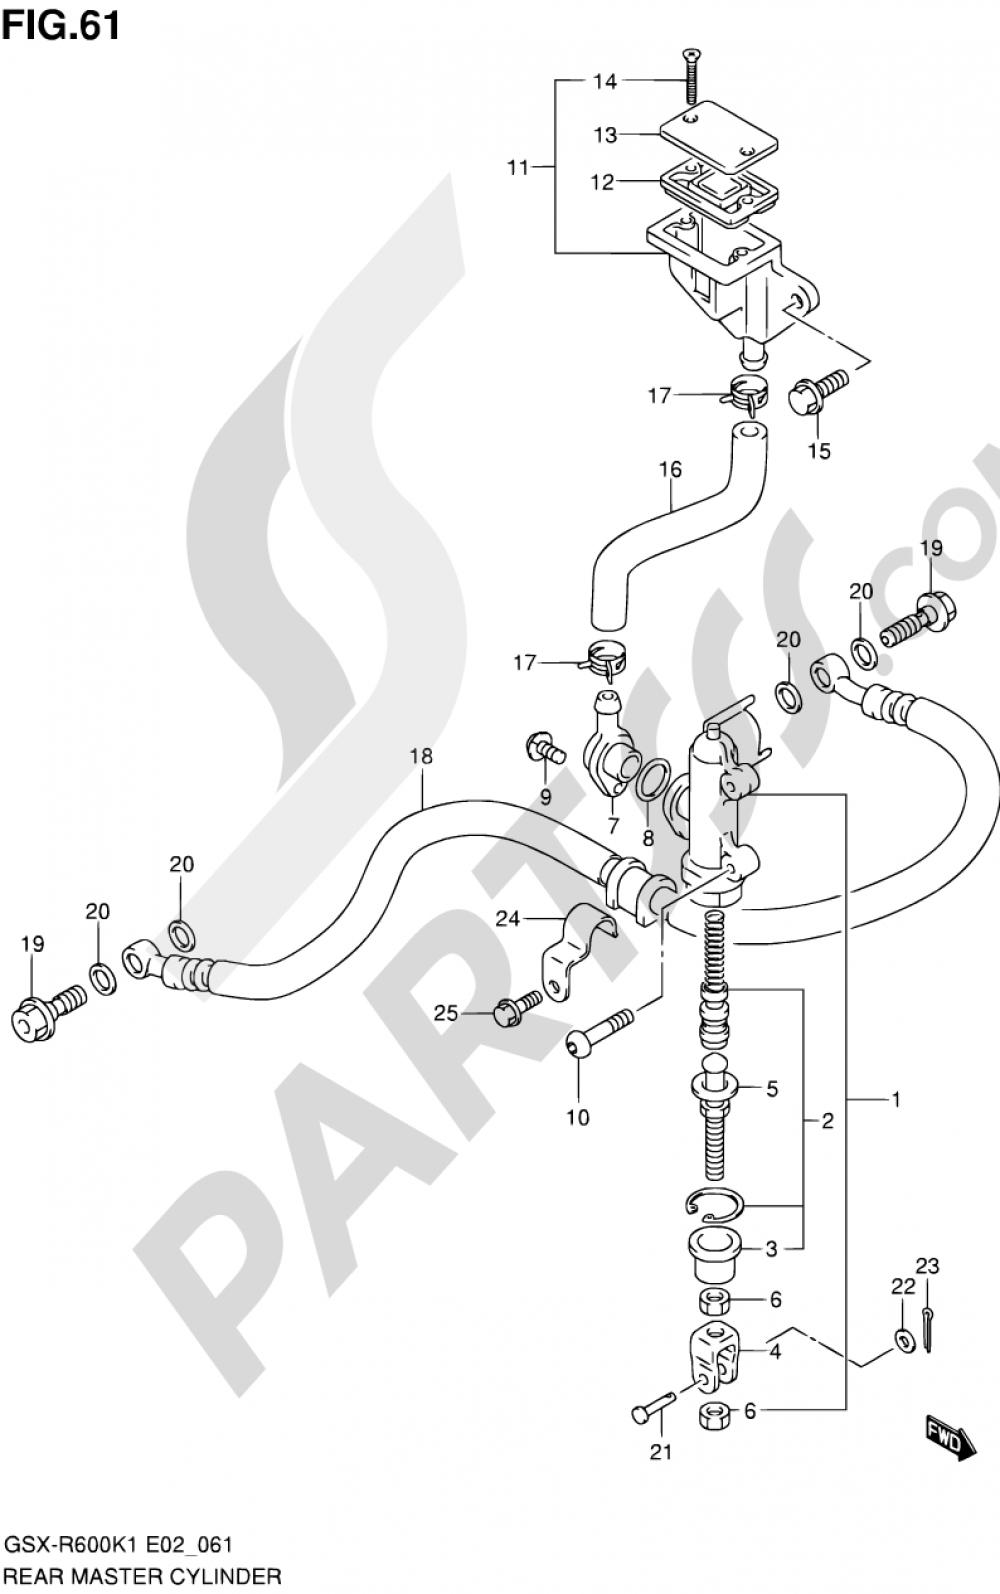 61 - REAR MASTER CYLINDER Suzuki GSX-R600 2001